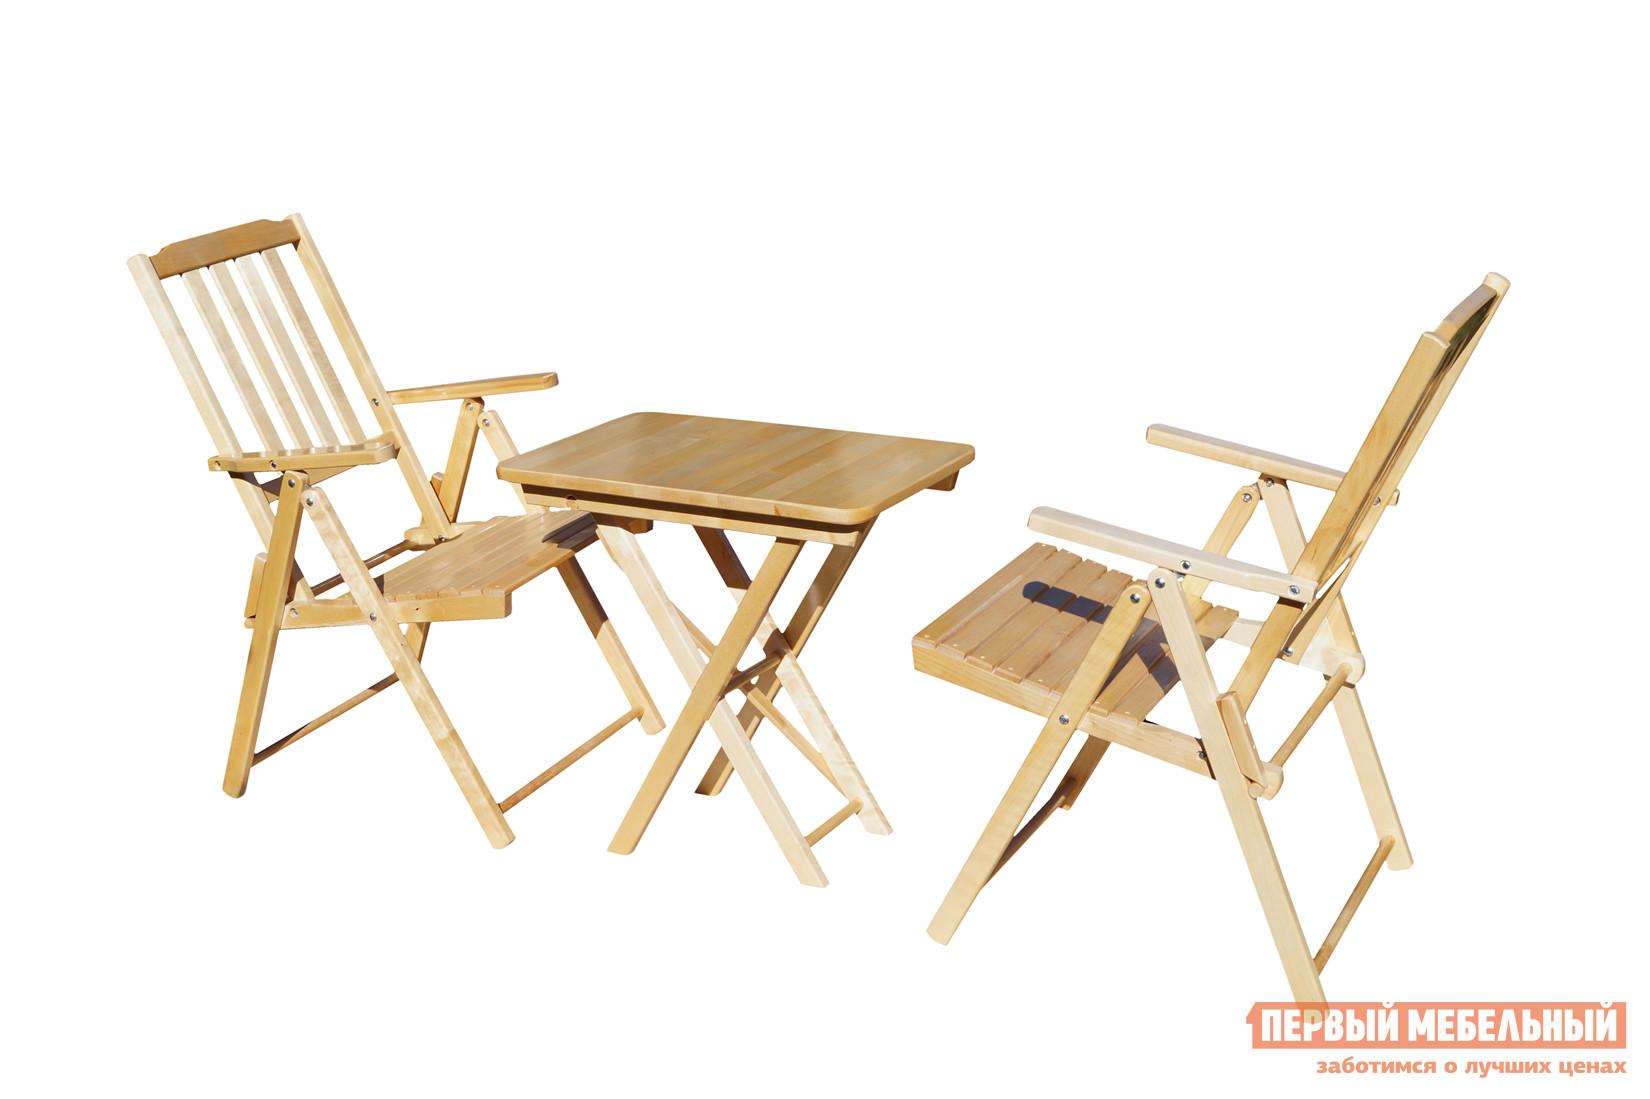 Комплект садовой мебели СМКА СМ011Б + СМ047Б Береза от Купистол